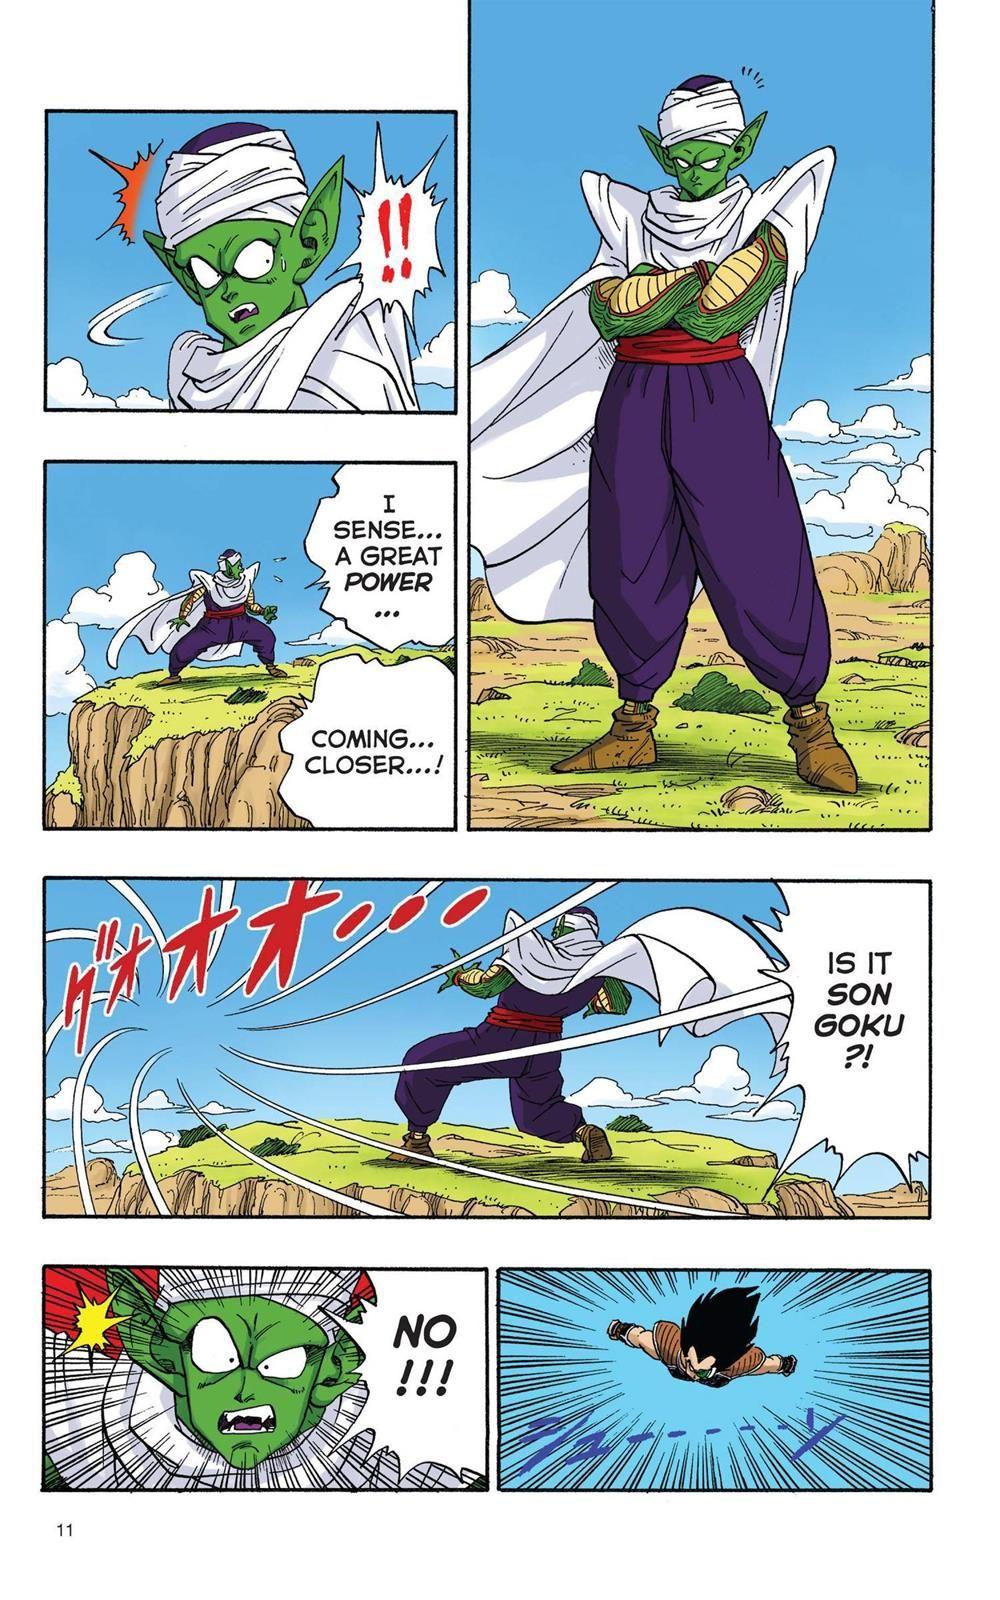 Dragon Ball Full Color Saiyan Arc Chapter 1 Page 12 Anime Dragon Ball Super Dragon Ball Artwork Dragon Ball Art